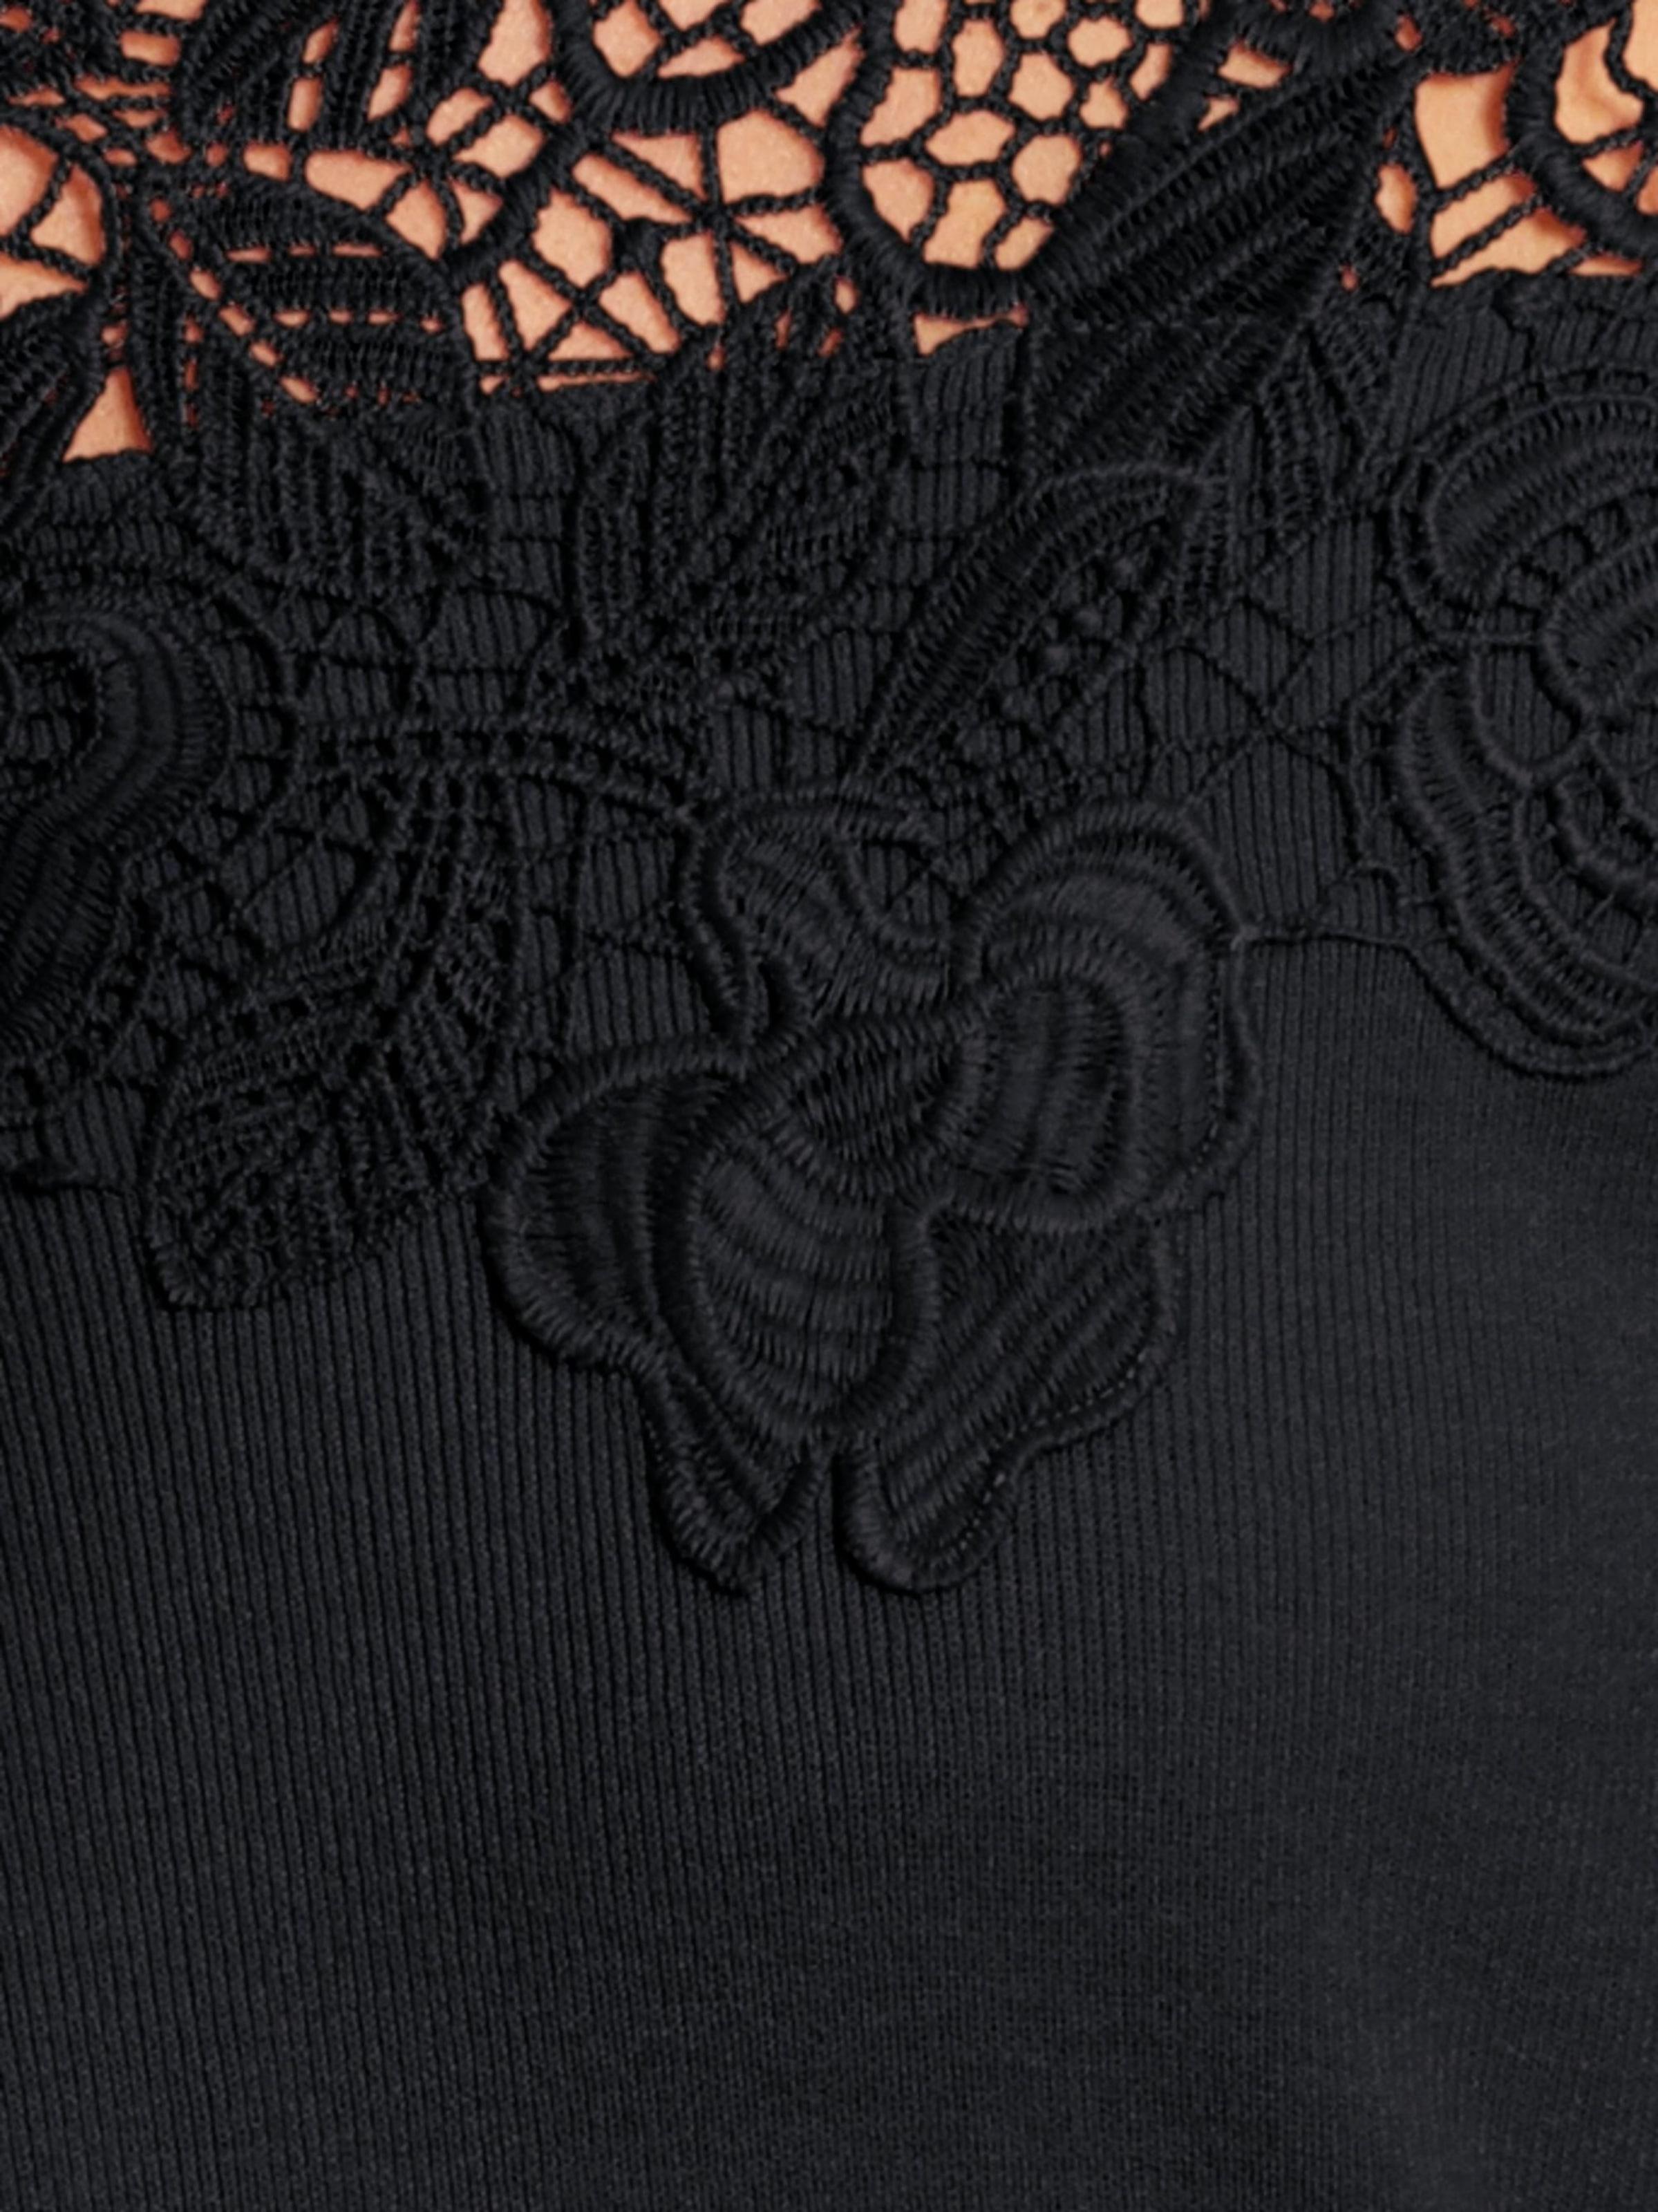 Schwarz Schwarz Heine Pullover In Schwarz Heine In Heine In Heine Pullover Pullover 34q5jLAR